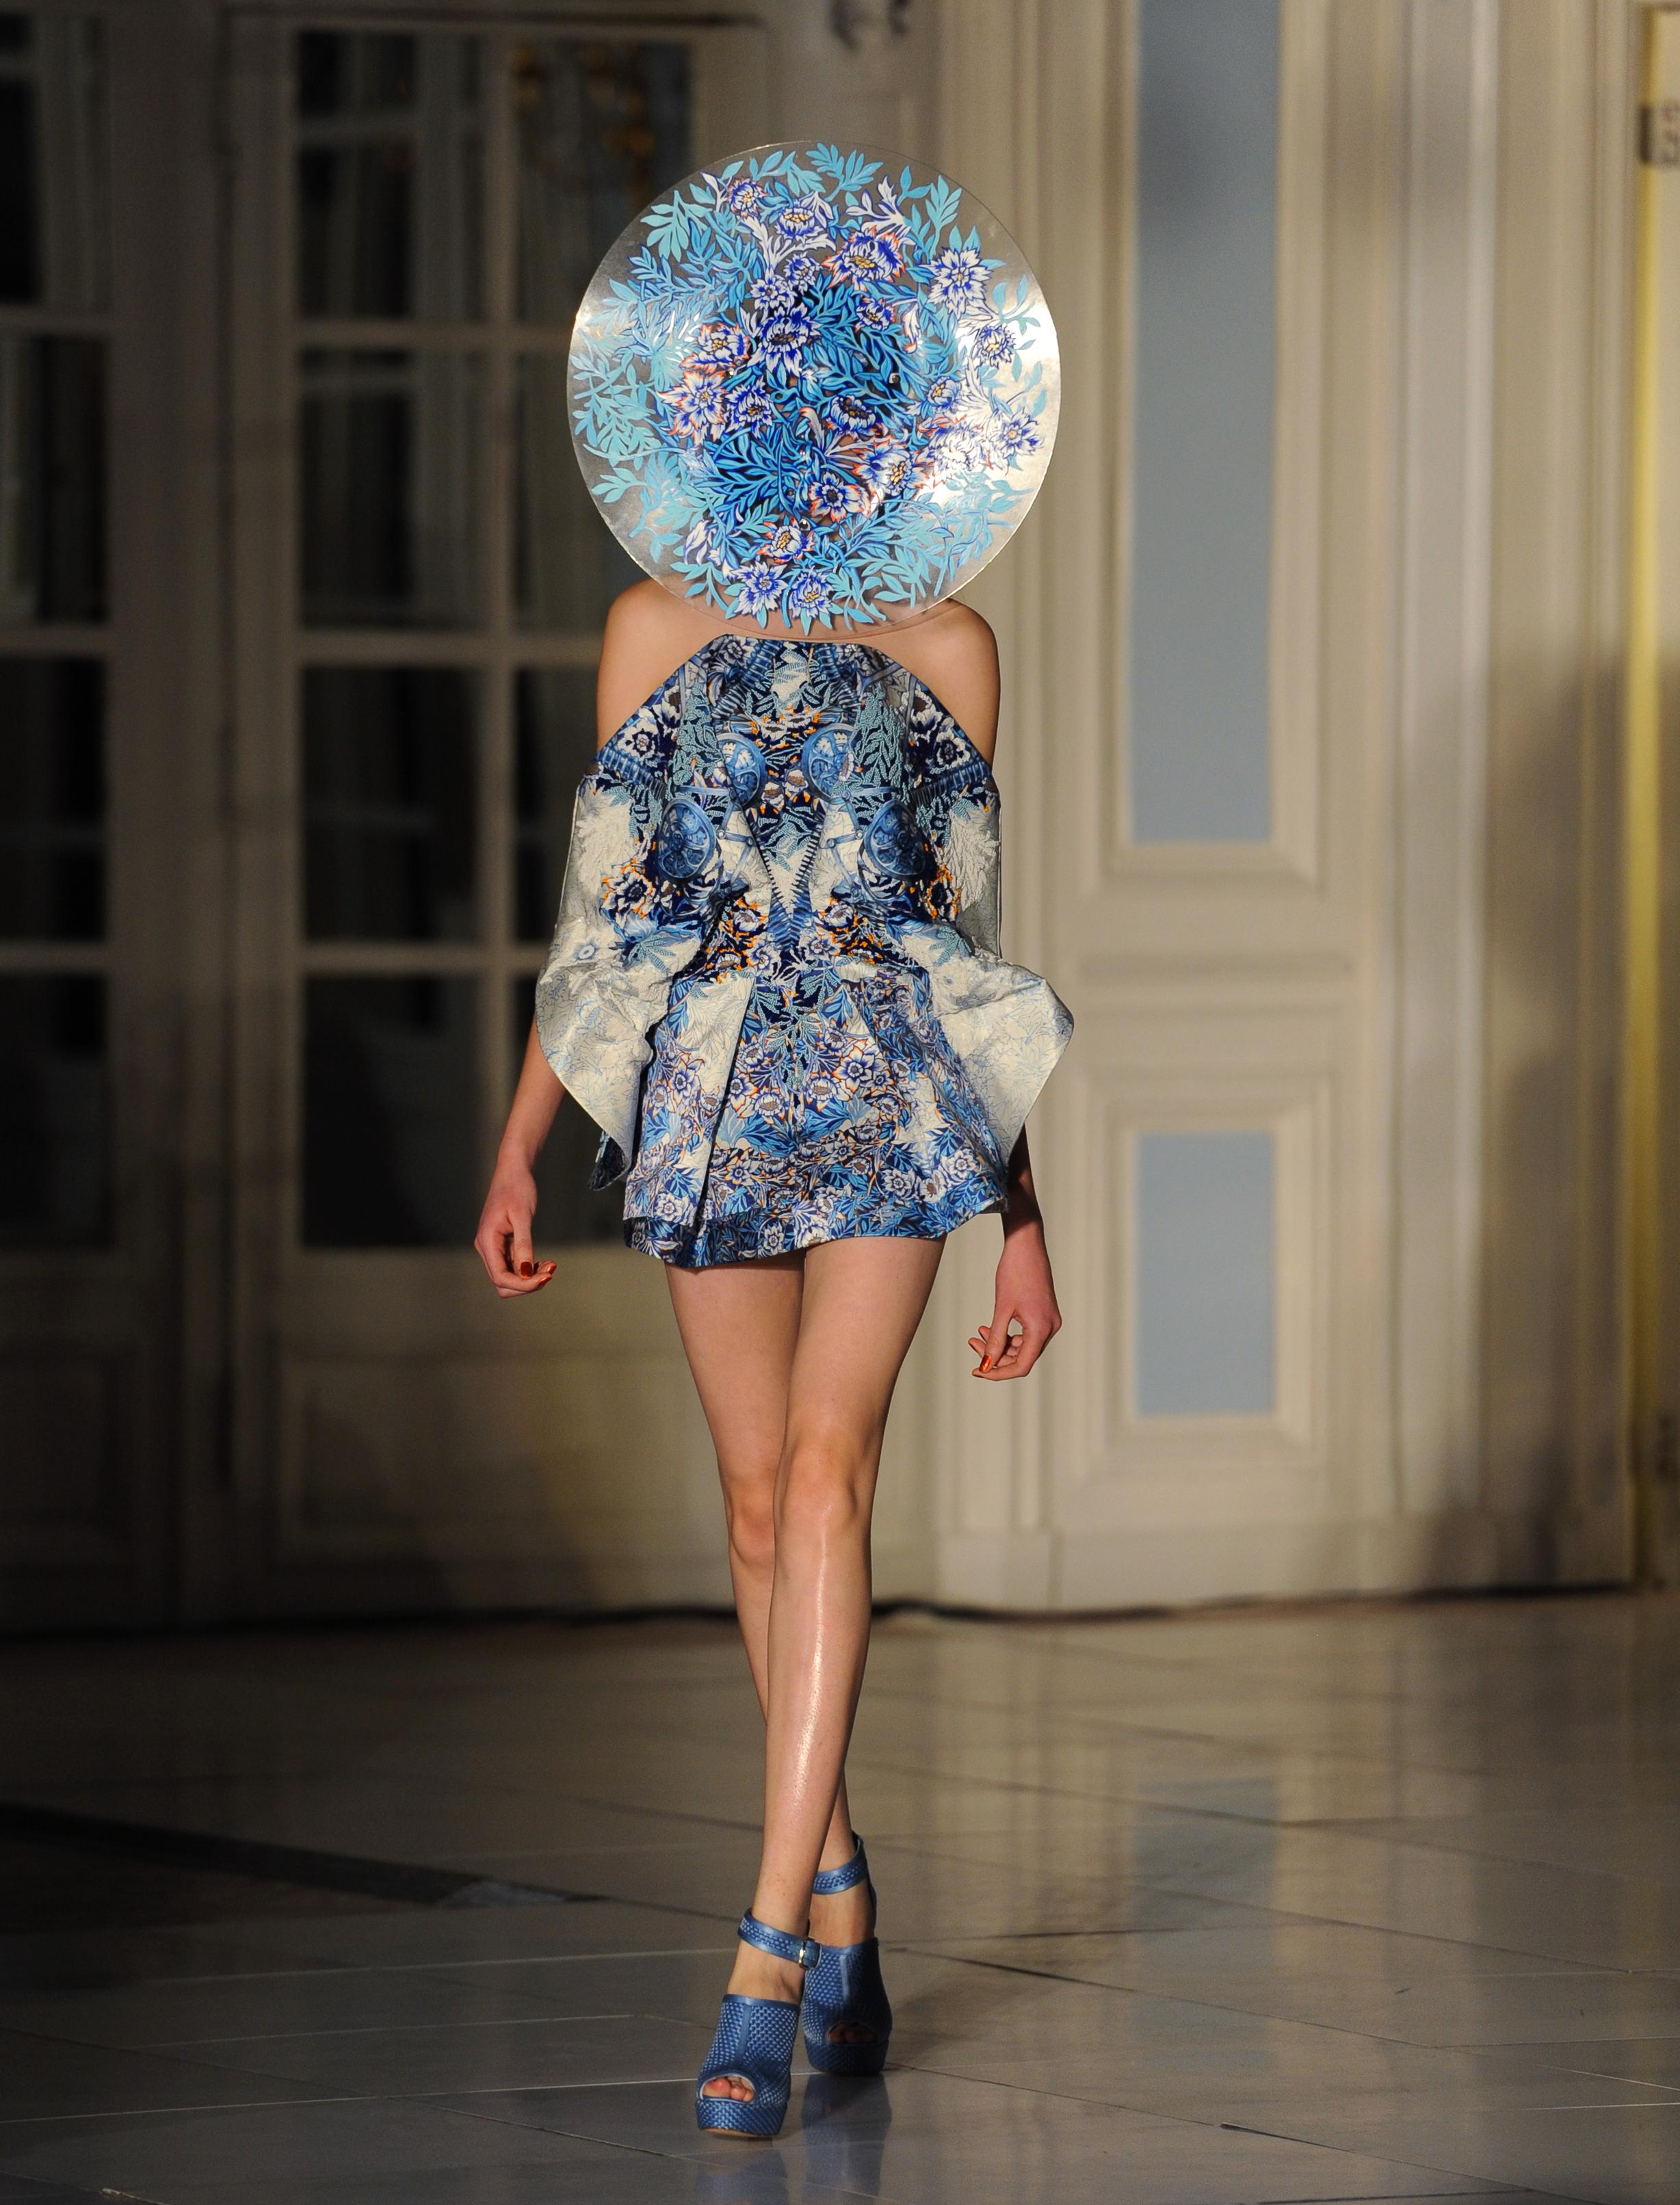 London Fashion Week: High drama at Fyodor Golan